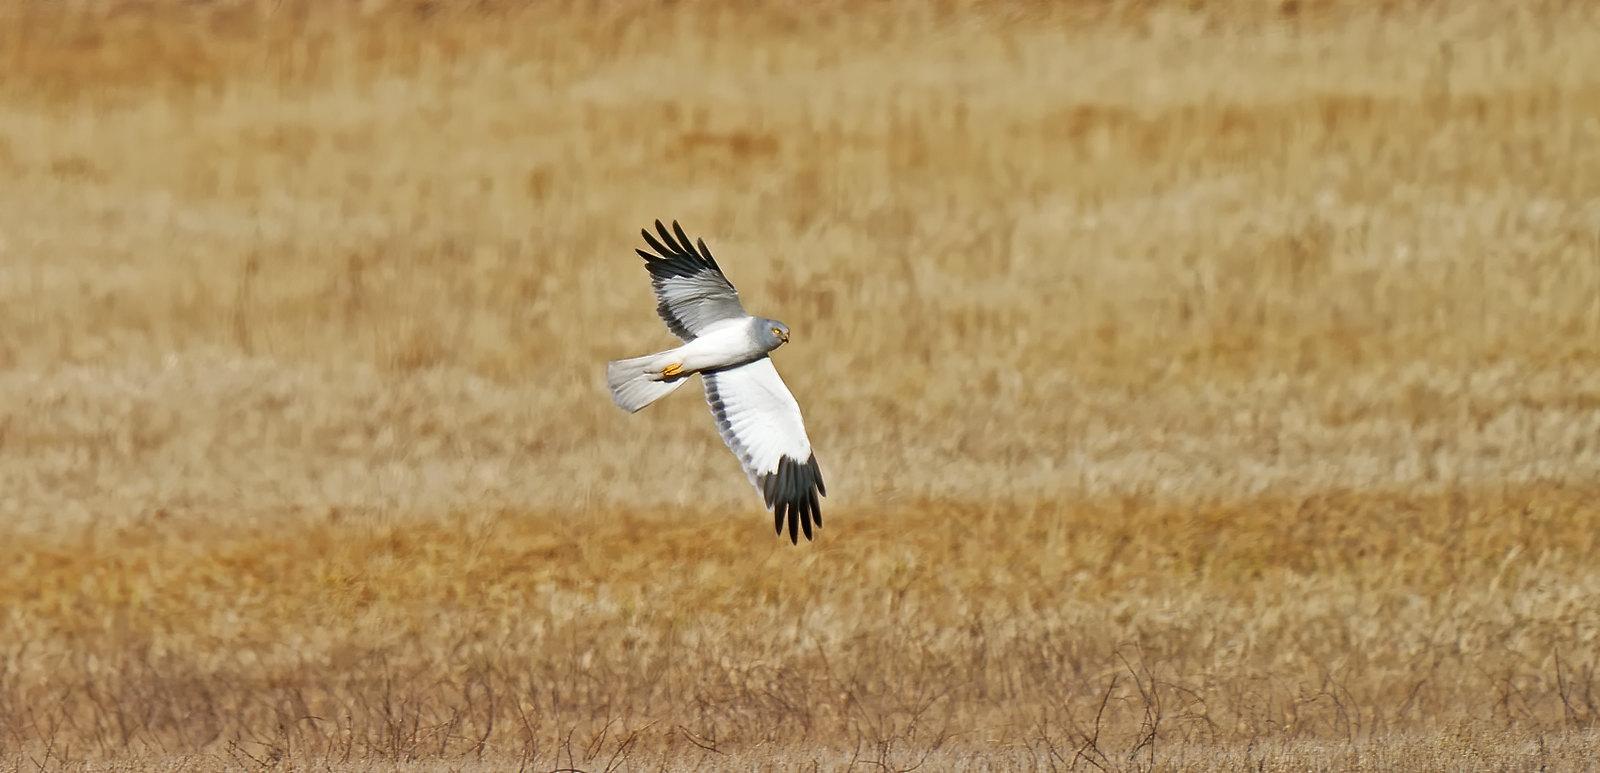 [Distant] Male Hen Harrier